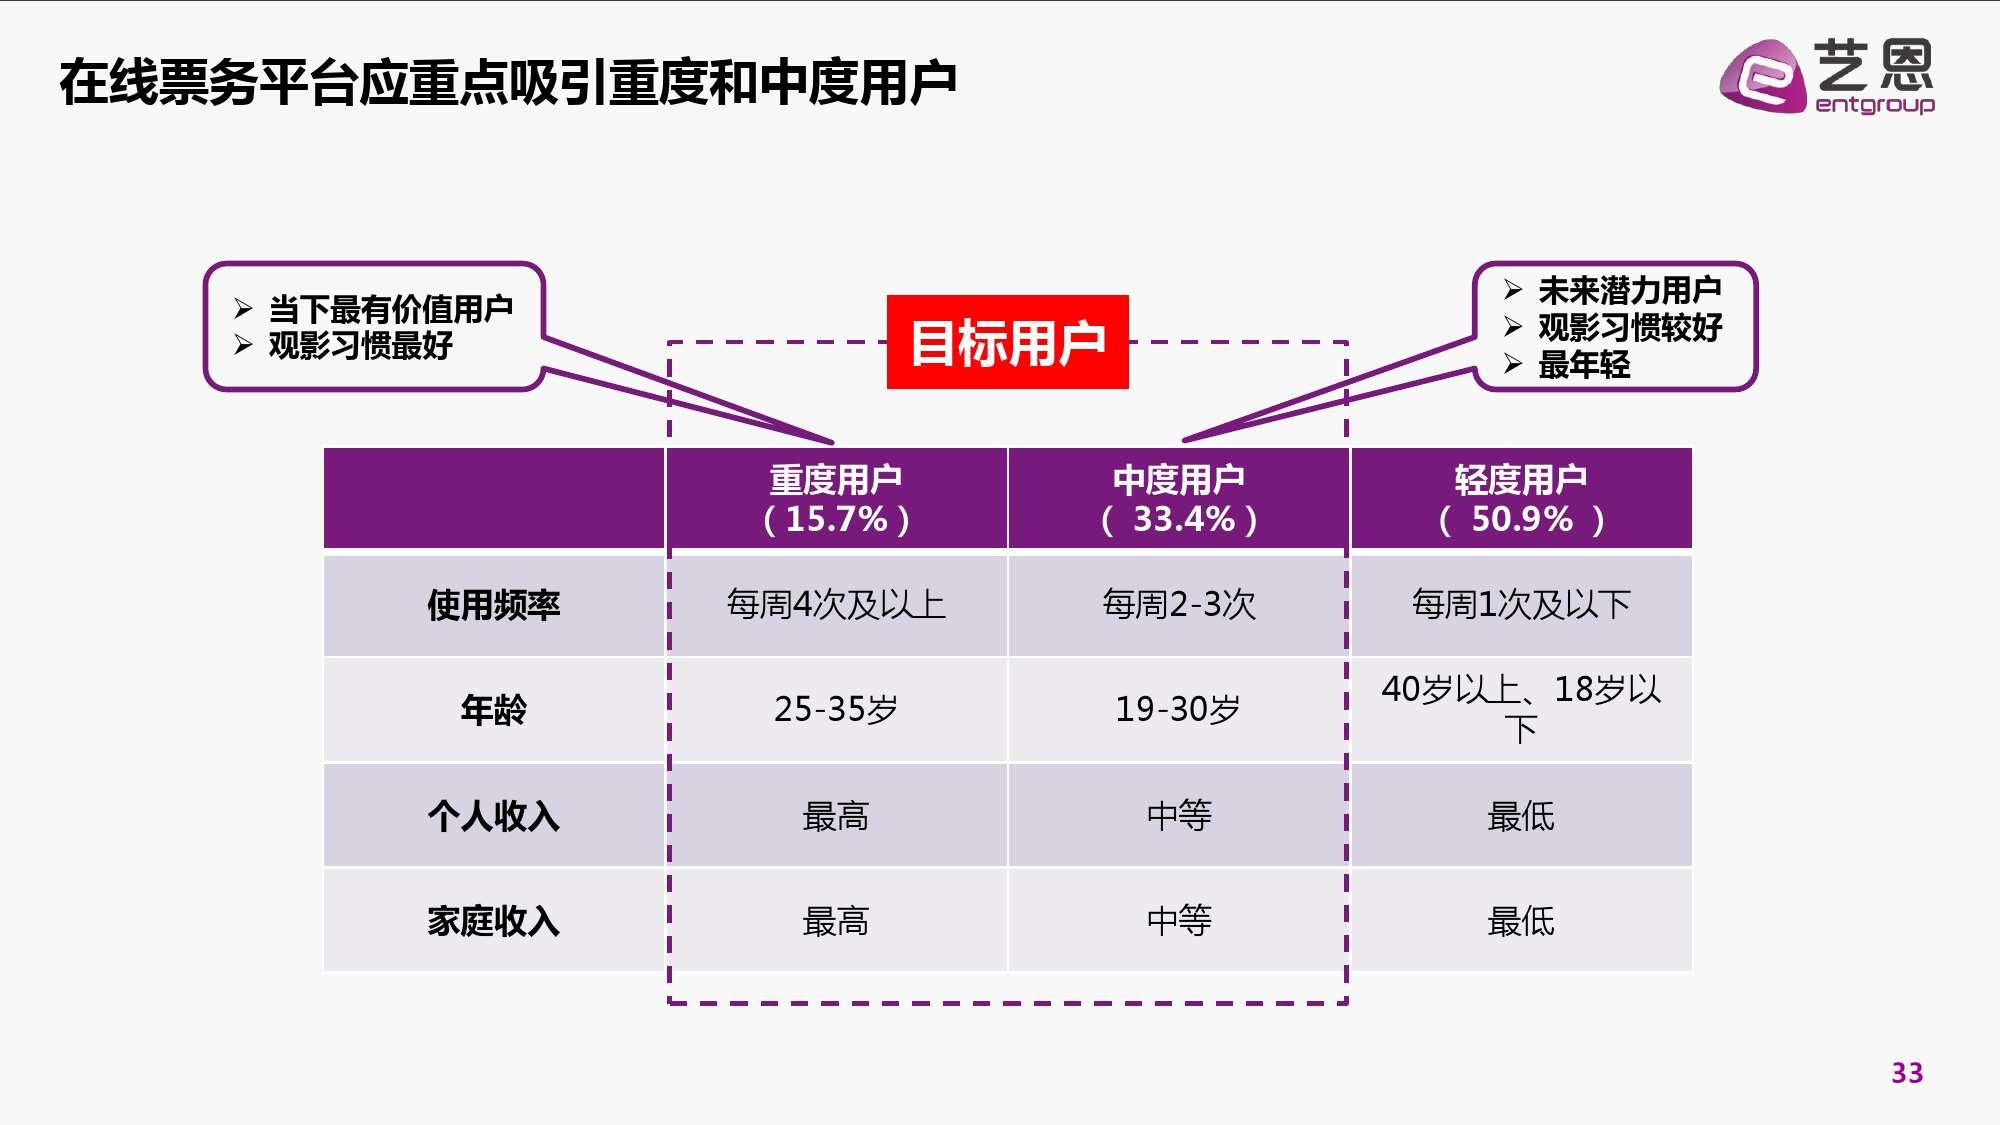 2016年中国电影在线票务市场研究报告_000033